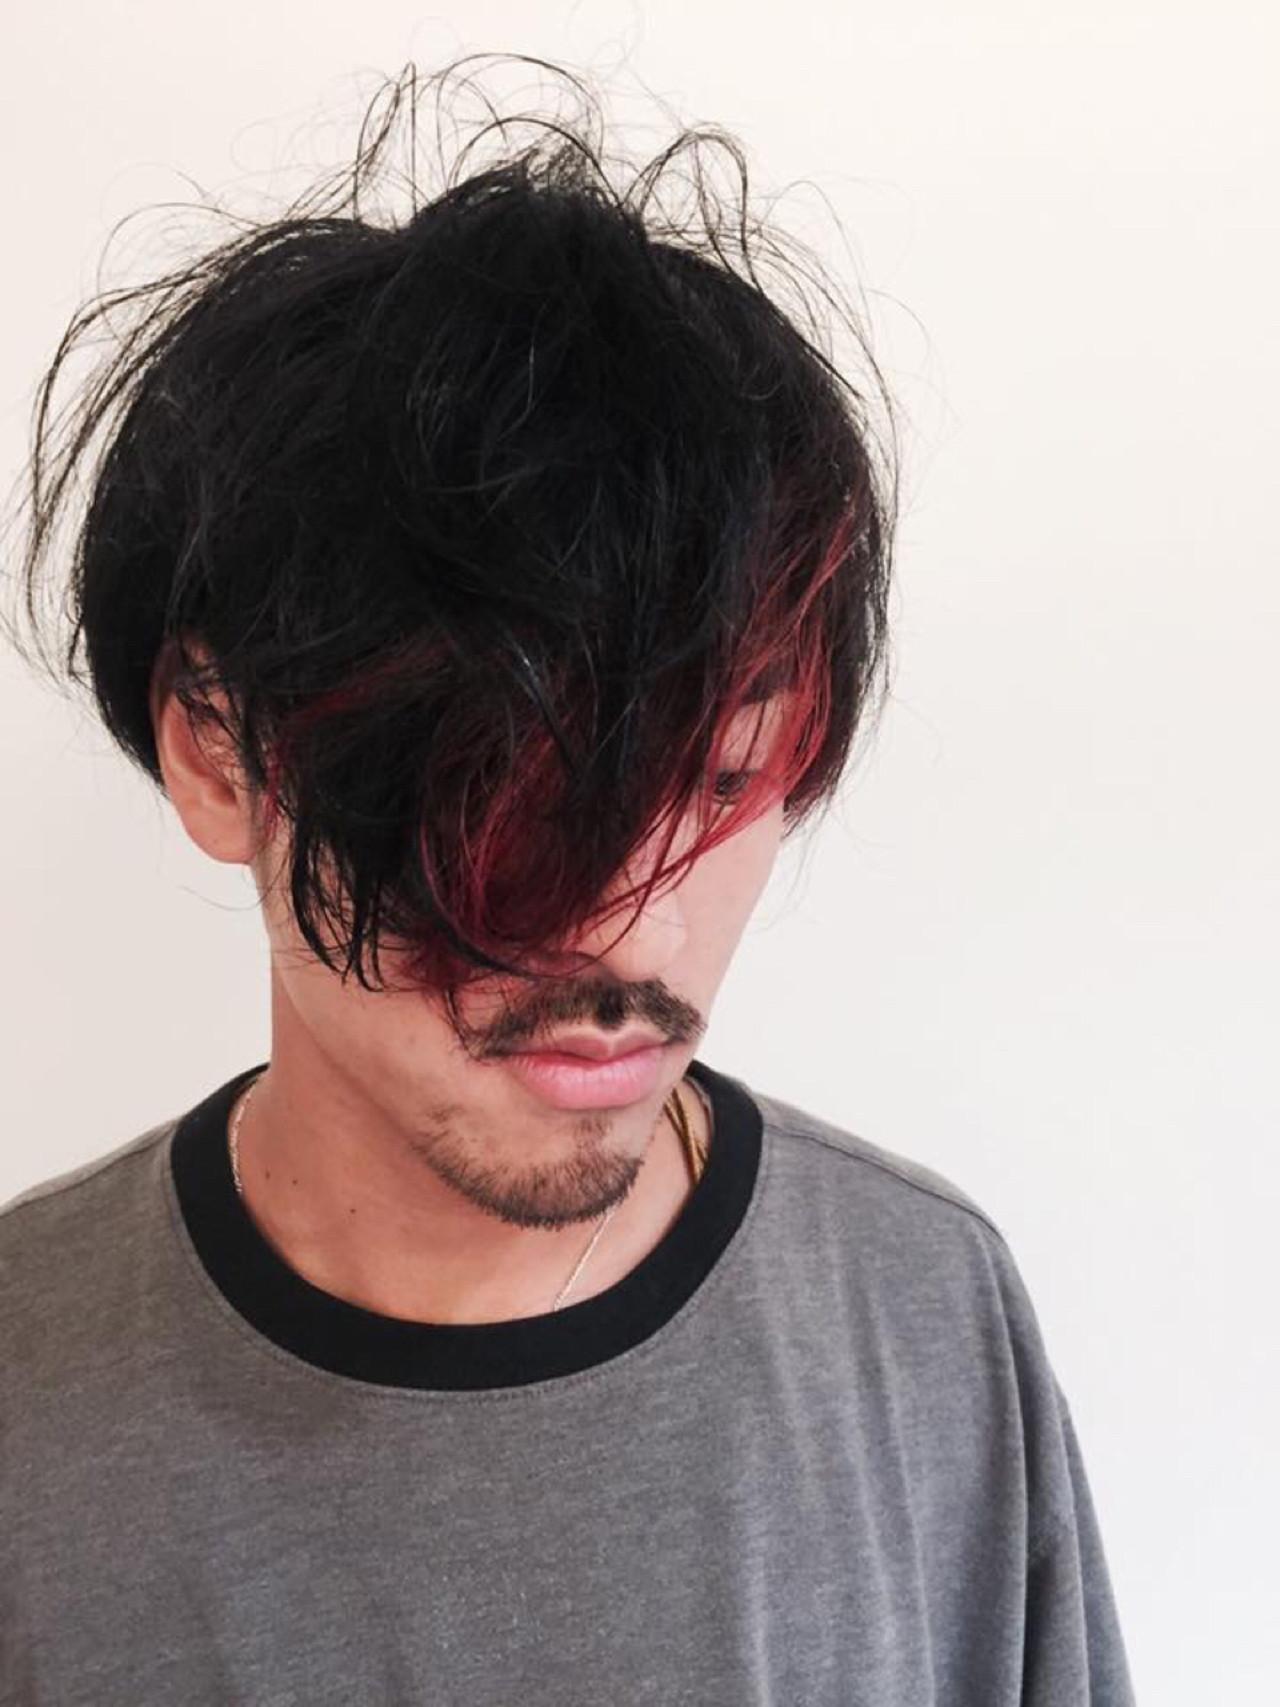 モテ髪 パーマ モード 刈り上げ ヘアスタイルや髪型の写真・画像